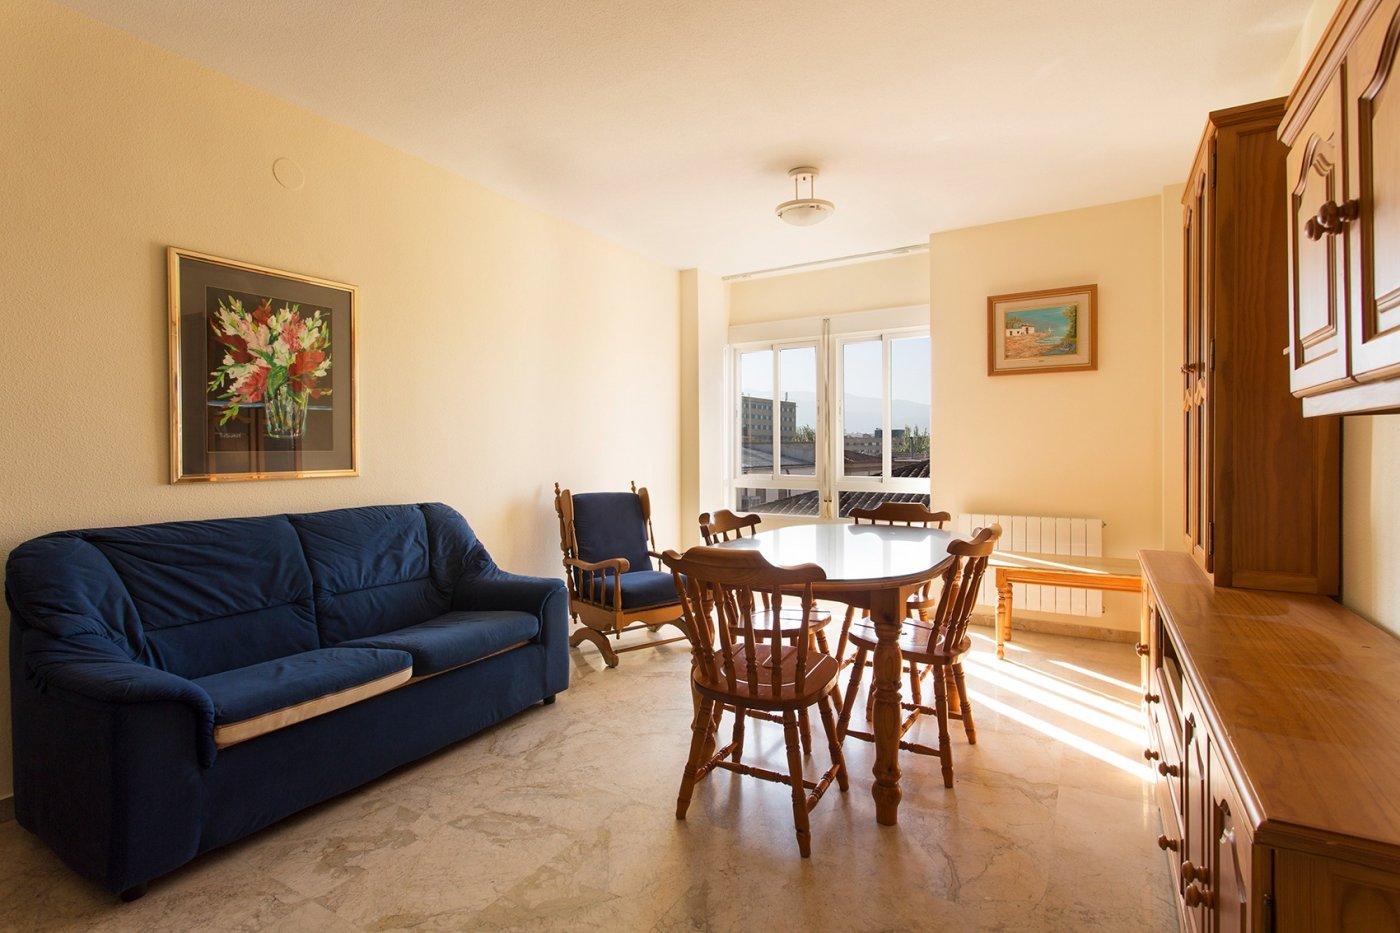 Traumatología (zona). bonito piso con 2 dormitorios, salón, cocina con lavadero y un baño. cochera.